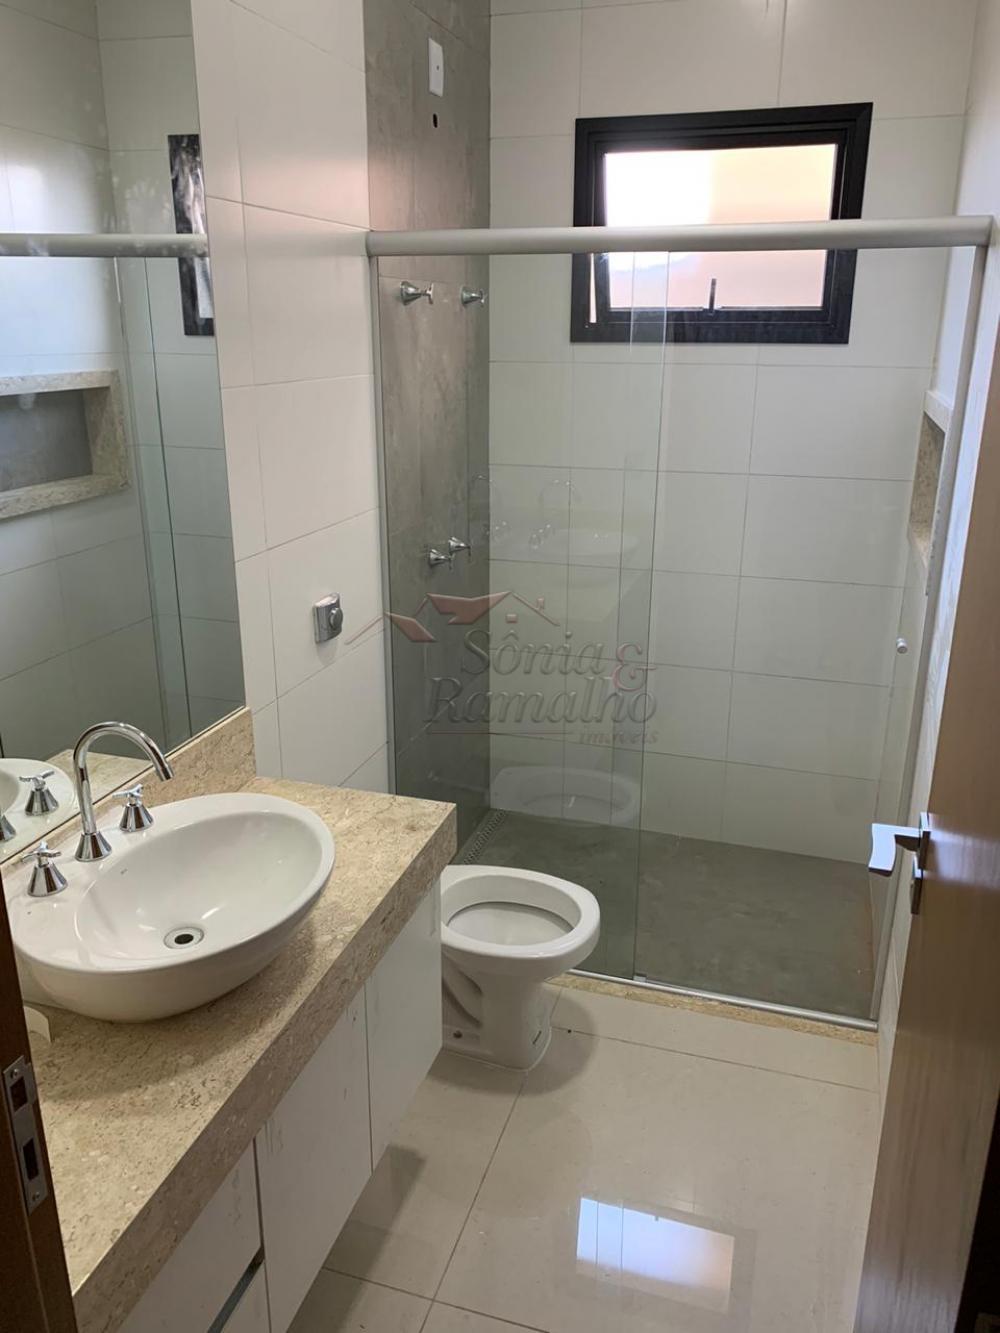 Comprar Casas / casa condominio em Bonfim Paulista apenas R$ 730.000,00 - Foto 12